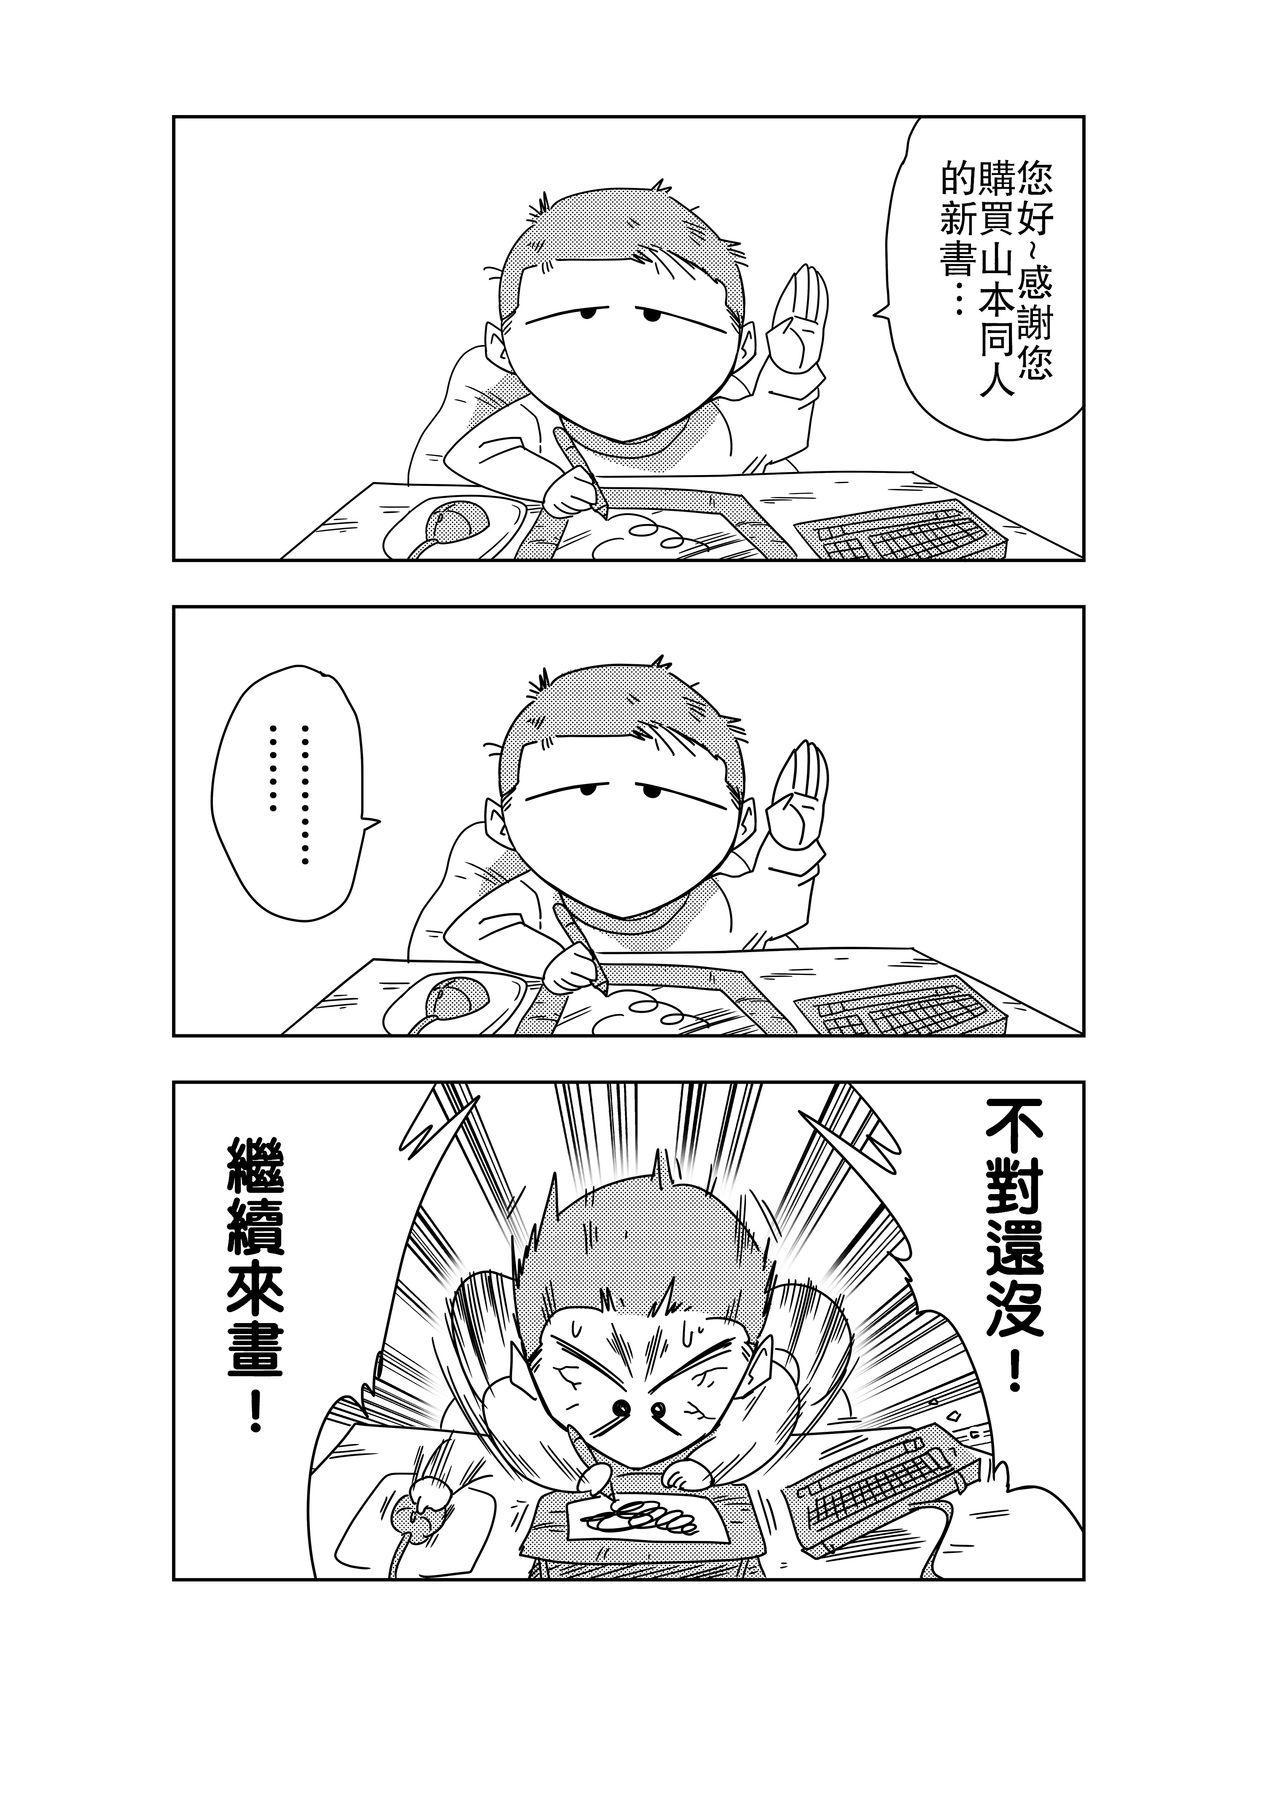 18-gou vs Kame Sennin 21